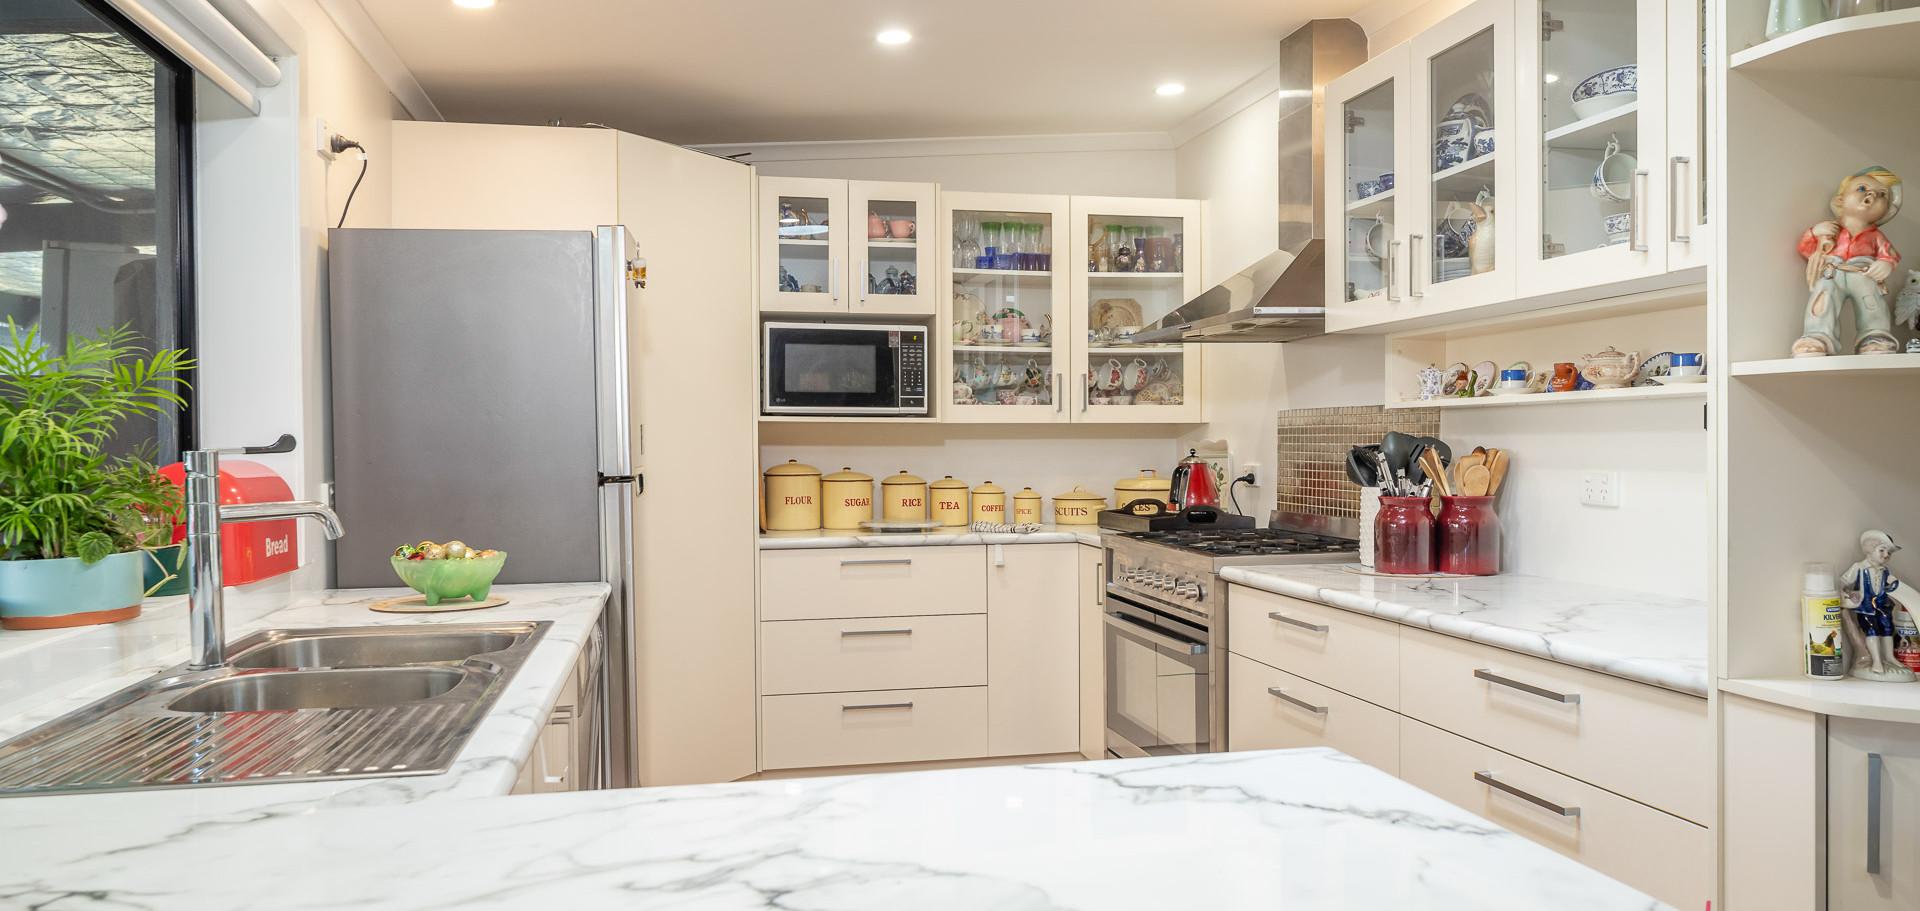 44 Sharnie Web Kitchen2.jpg